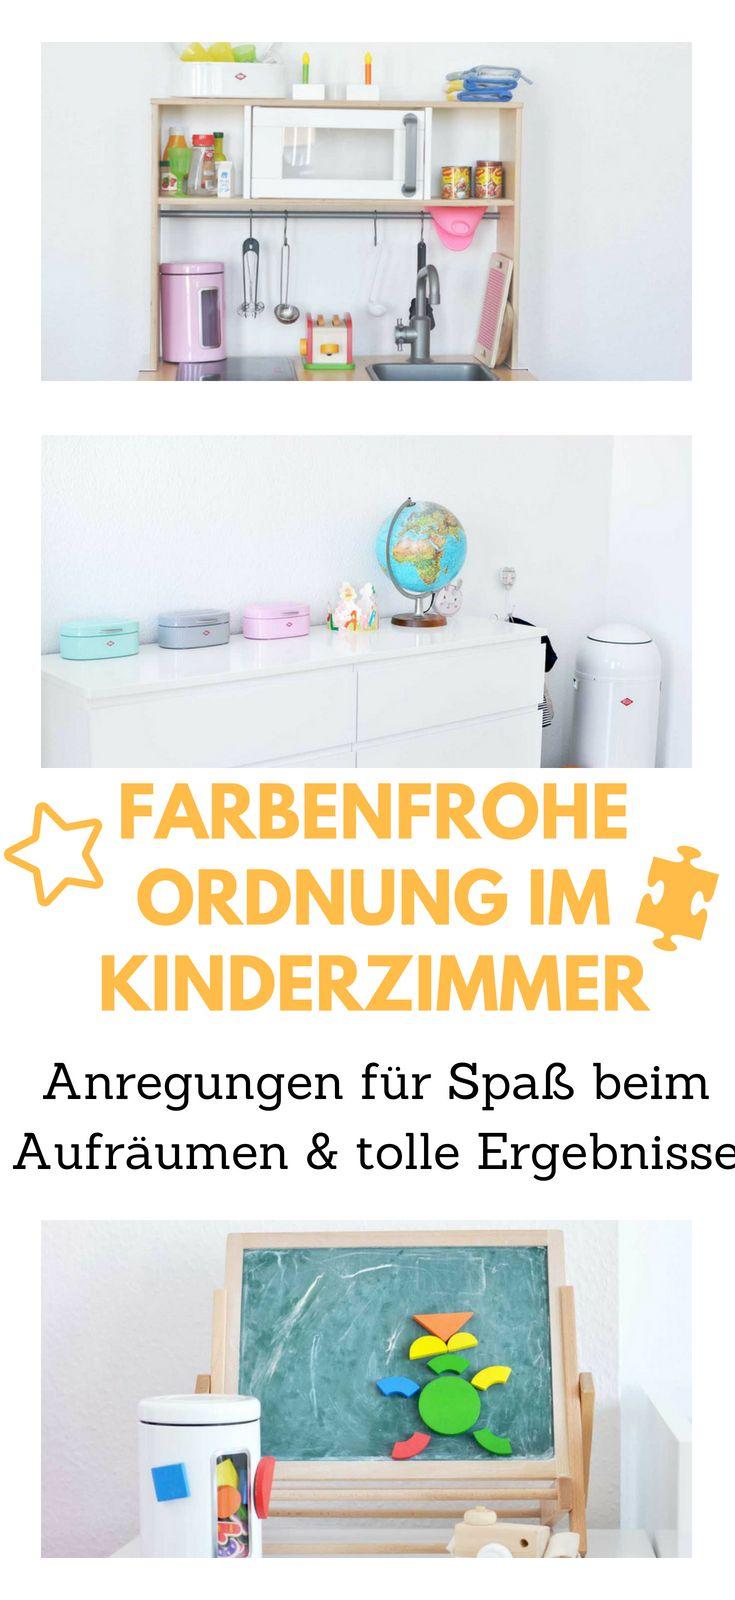 Farbenfroh Ordnung schaffen im Kinderzimmer - Aufgeräumt durchs ...